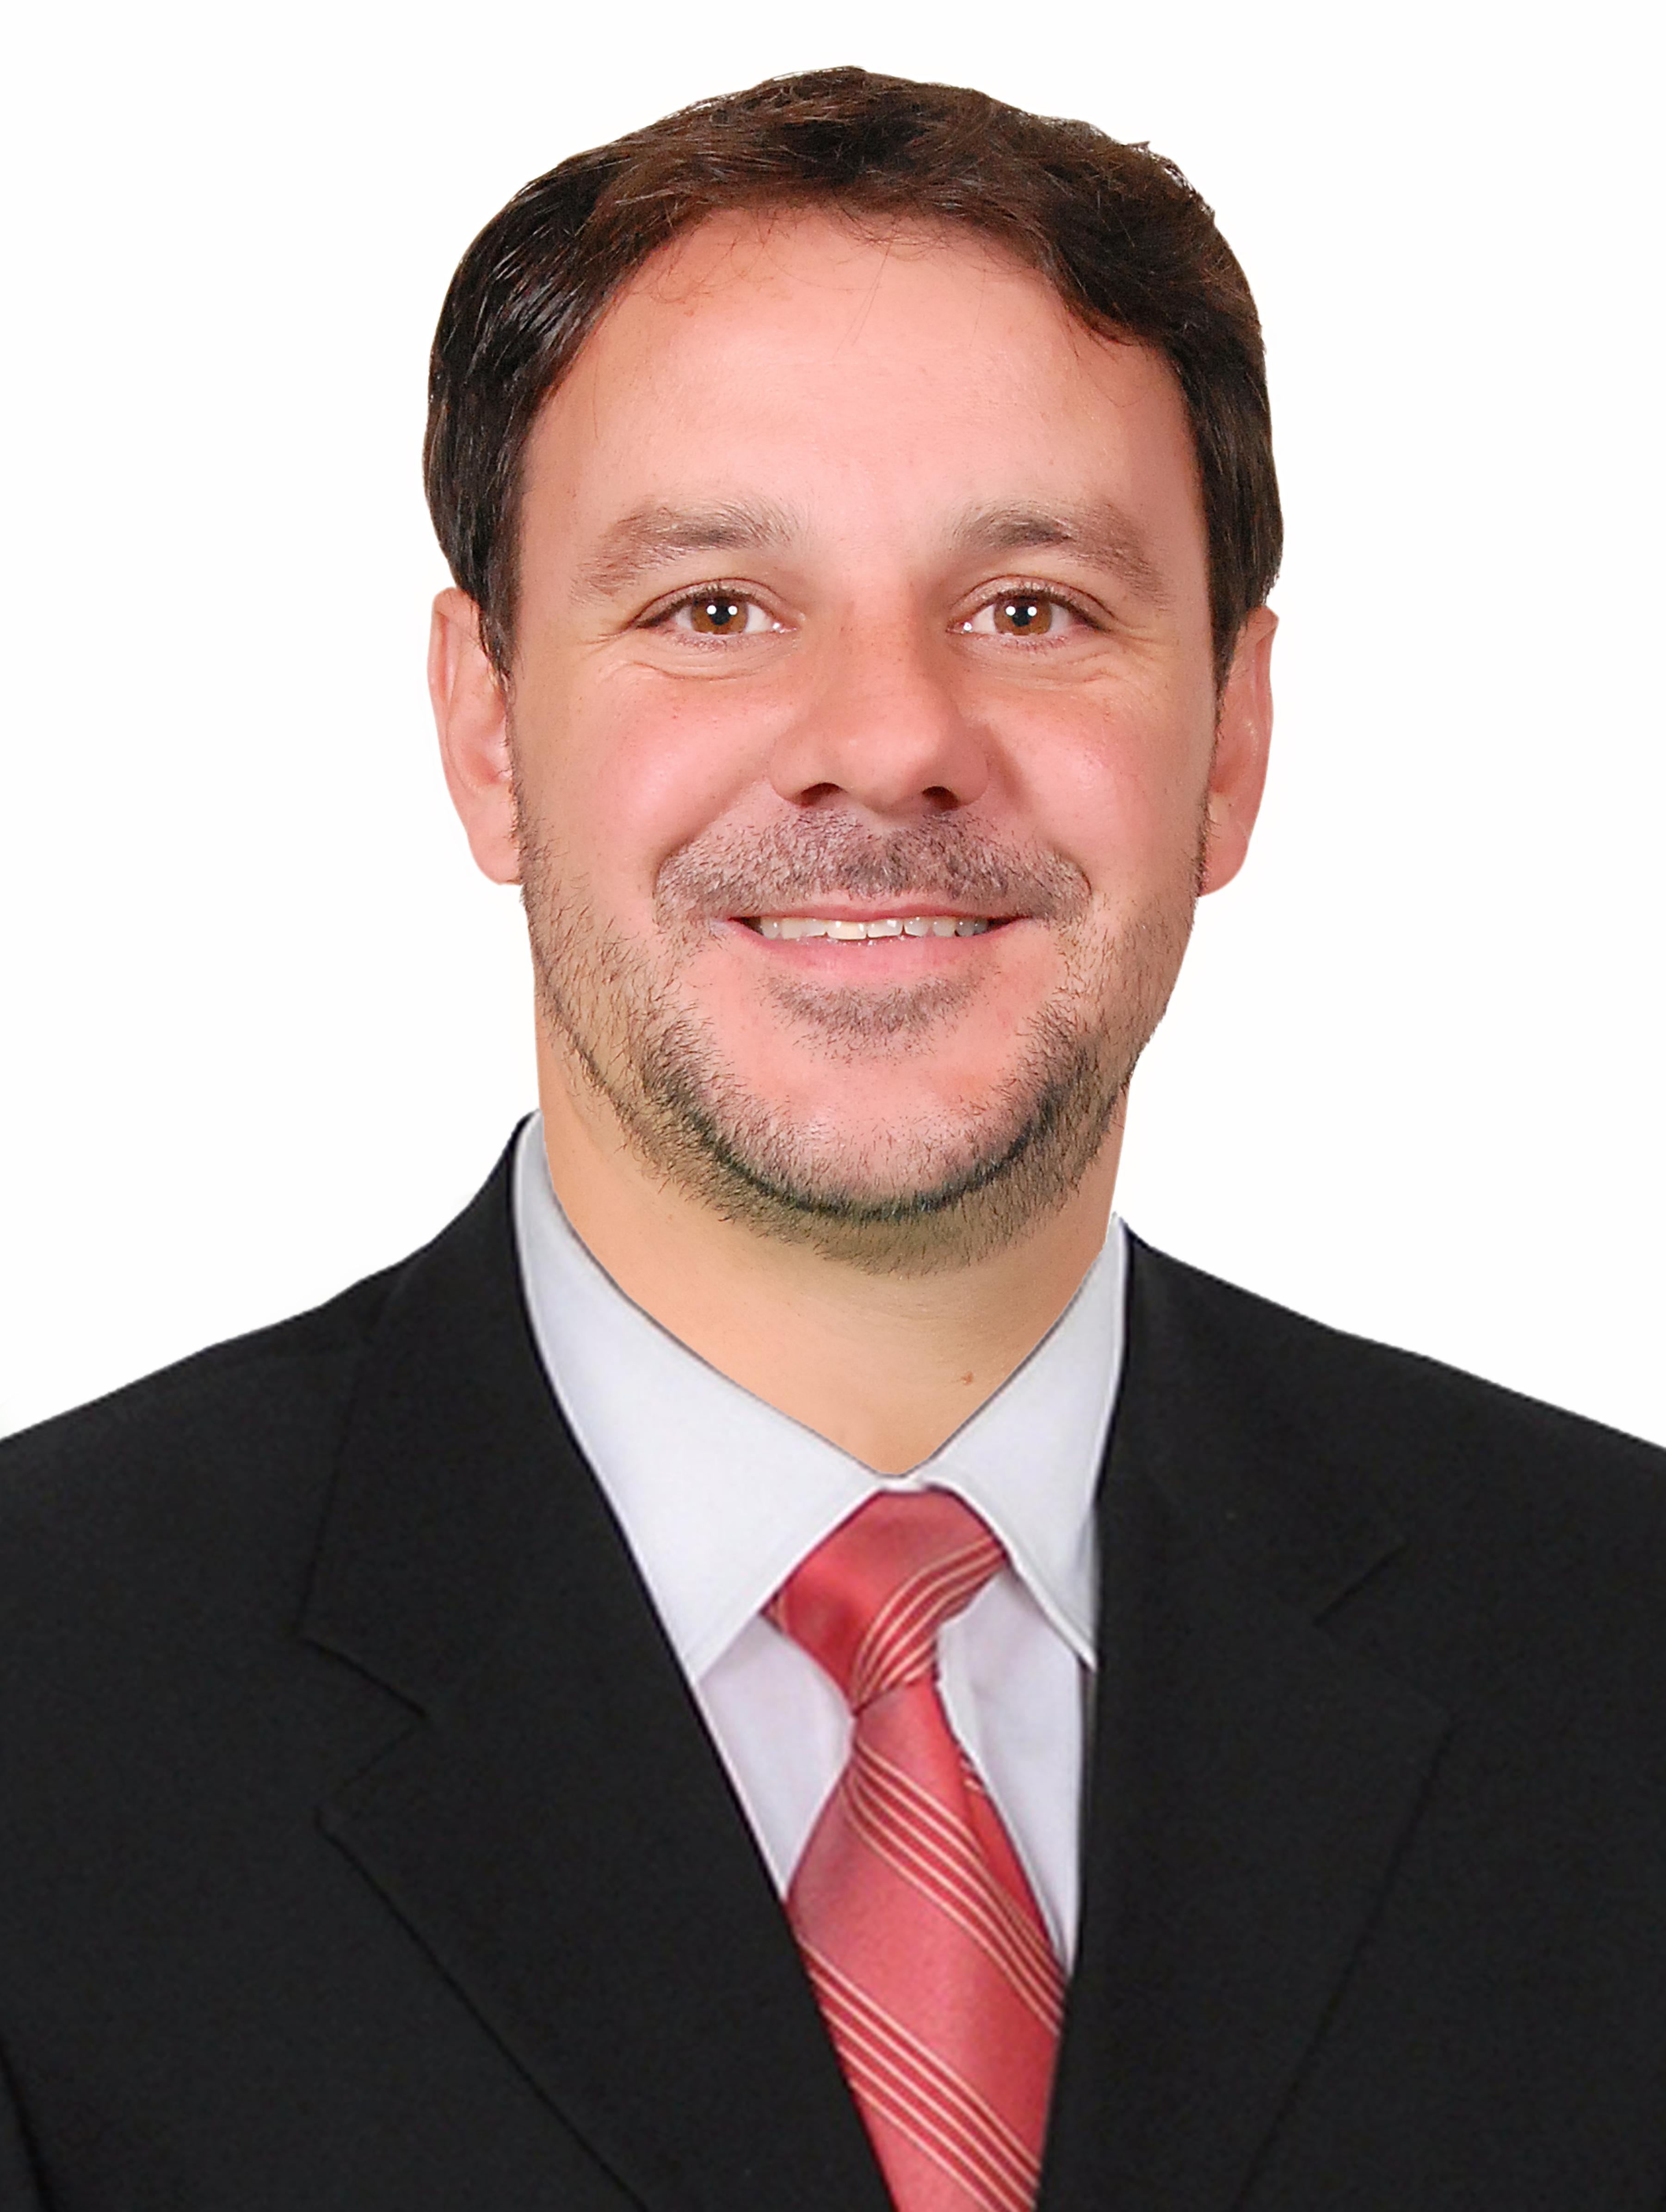 Maycon Rodrigo Rodrigues de Souza